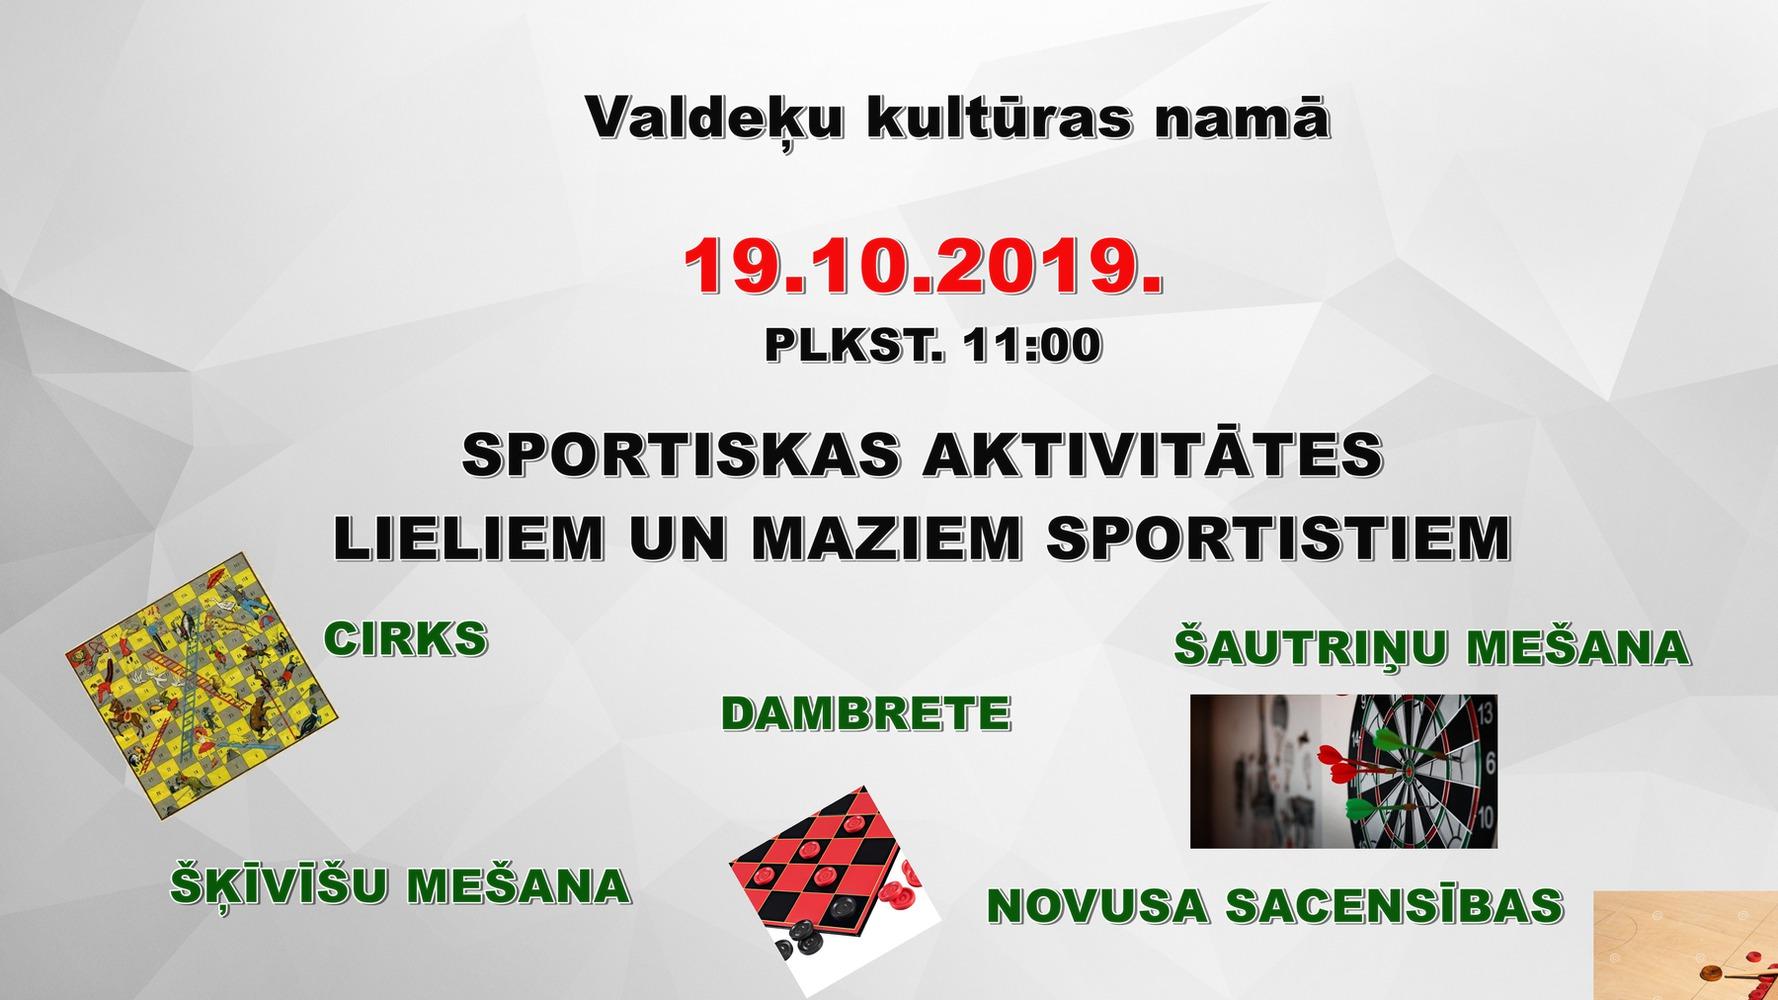 sports_valdekos_19_10.jpg